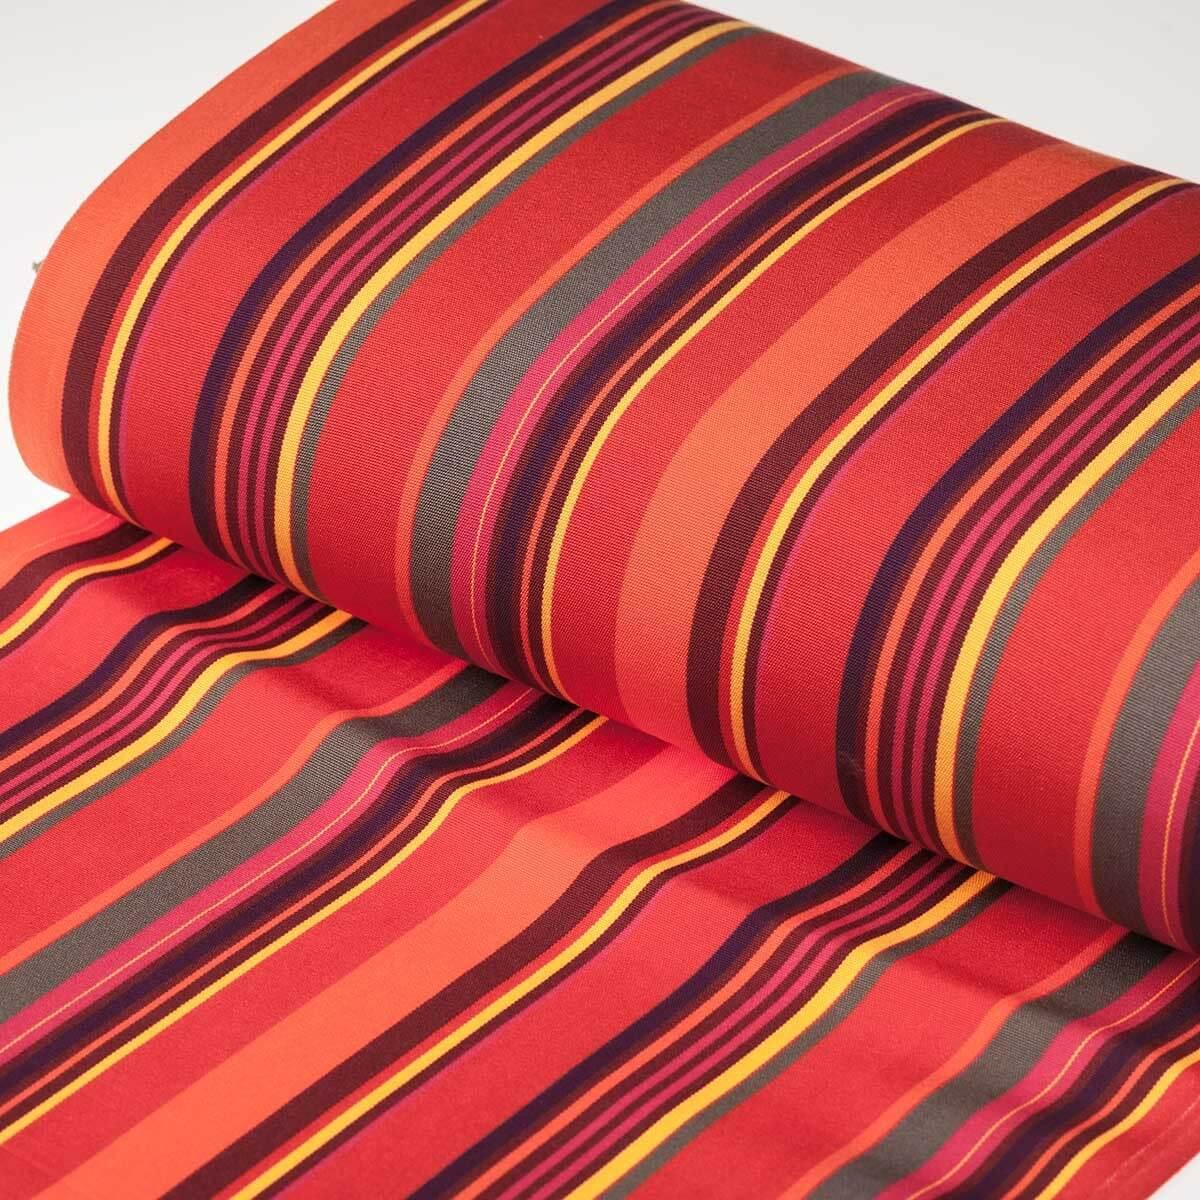 toile transat outdoor hossegor 150cm x 43cm. Black Bedroom Furniture Sets. Home Design Ideas